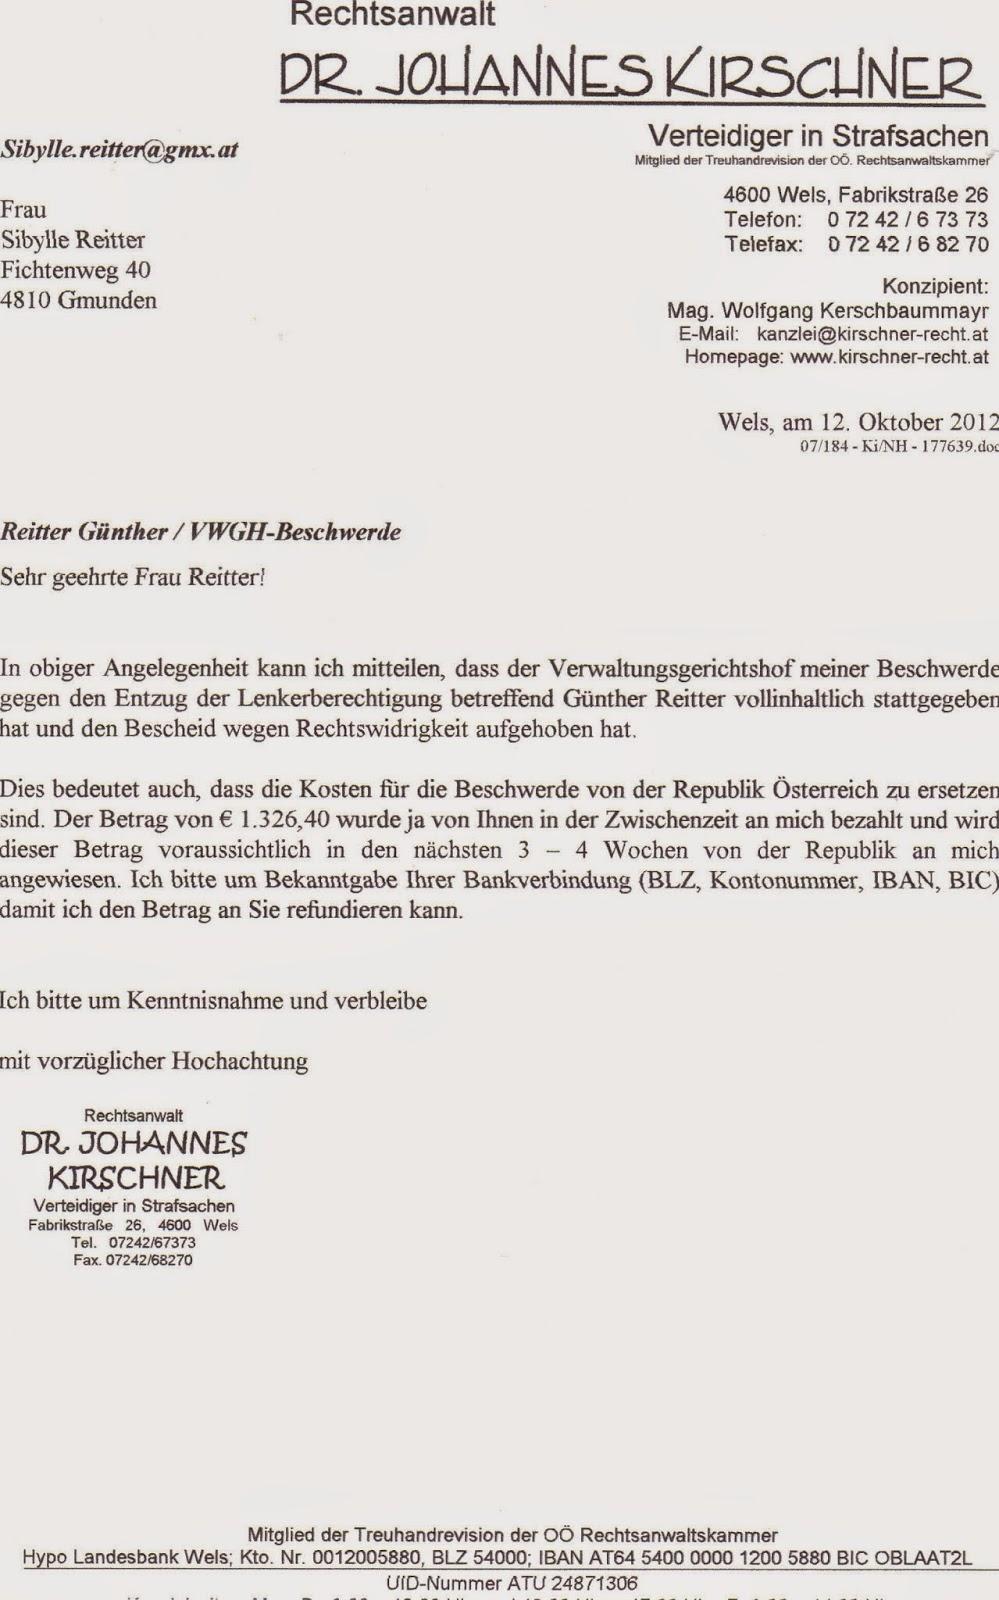 Interessenkonflikt Vorlage Brief An Einen Richter Riouthelogarcf